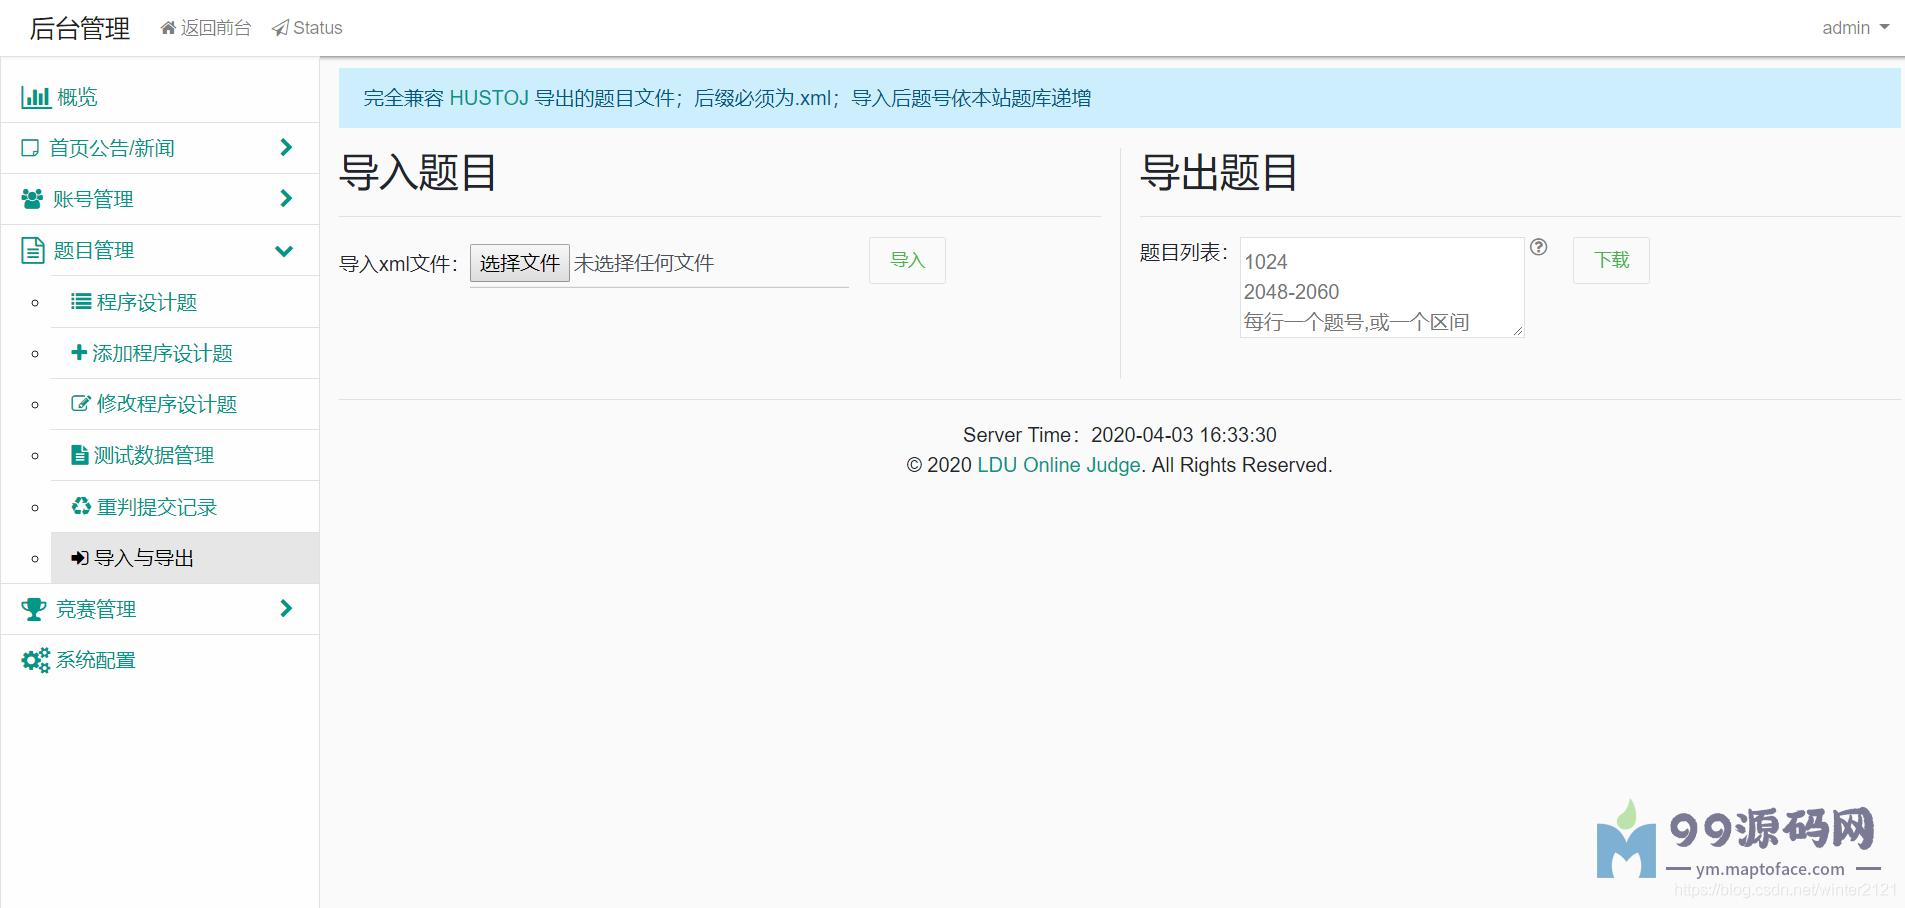 php程序设计在线评测系统  毕业设计